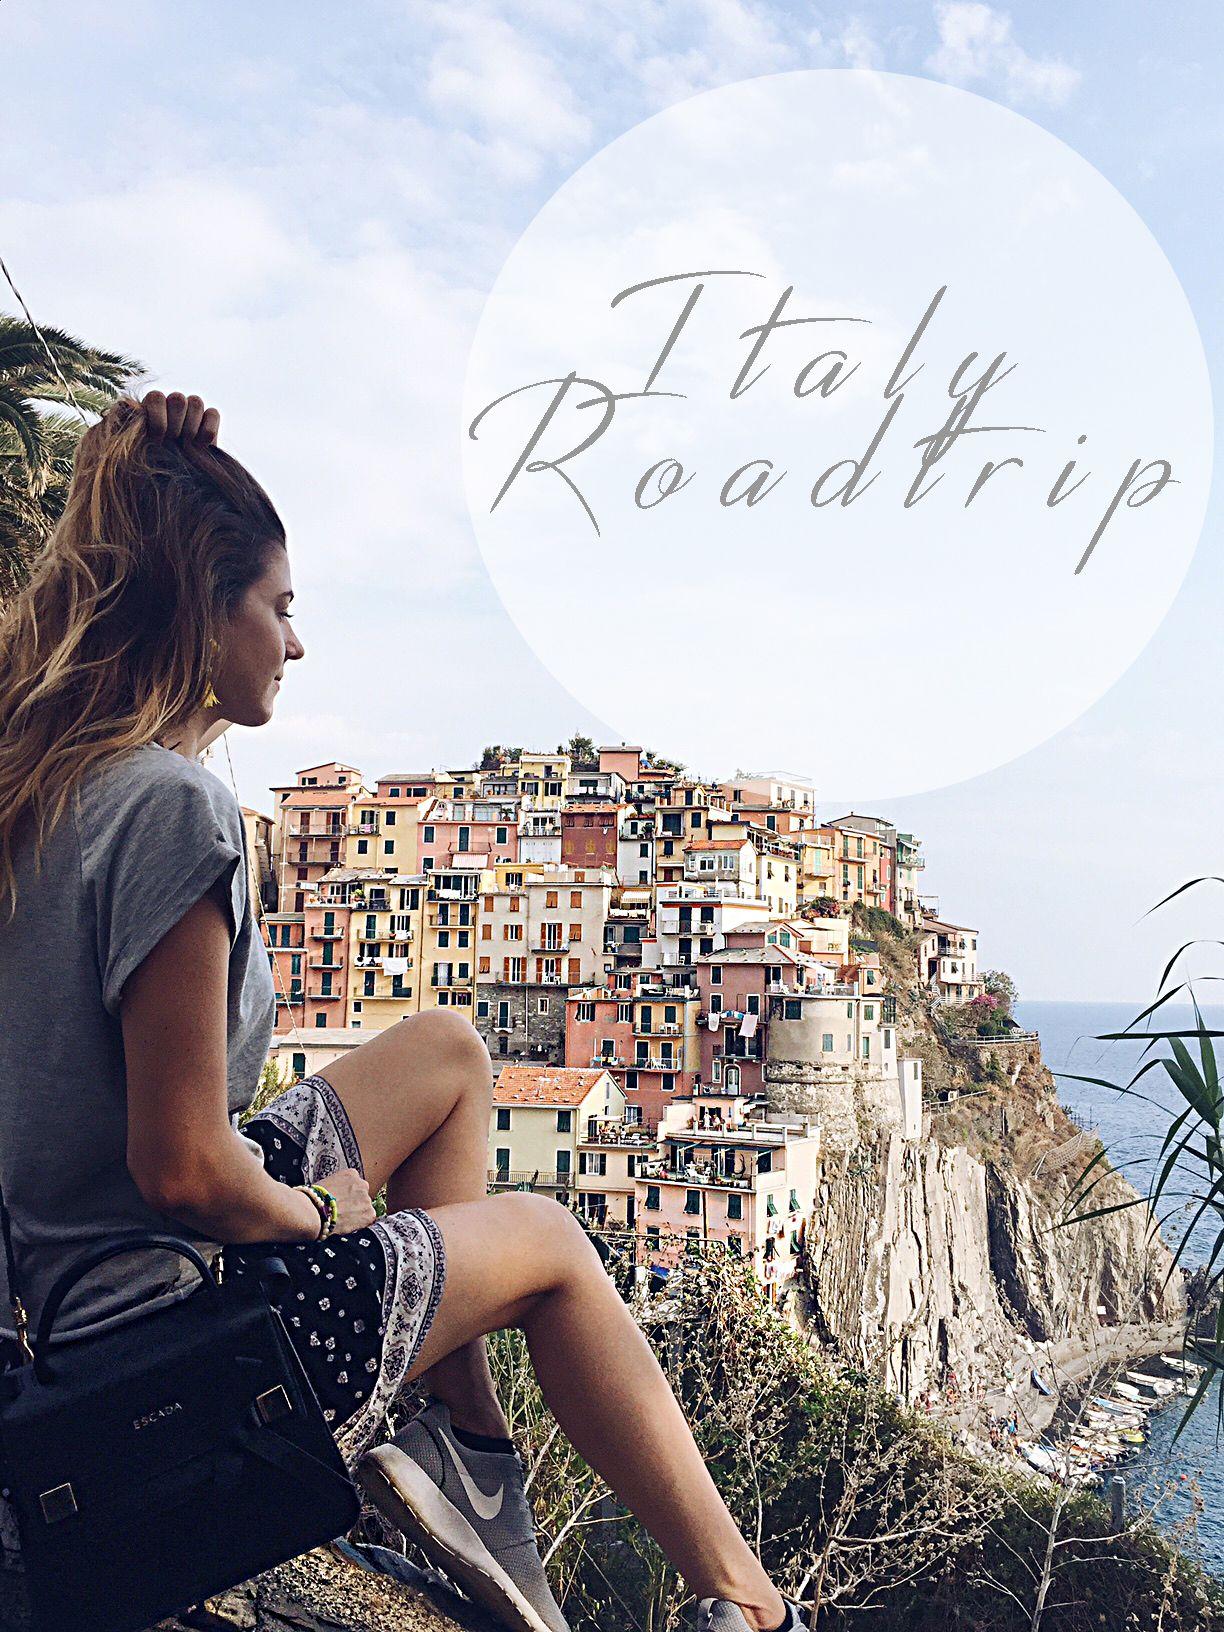 Italienurlaub Roadtrip Von Munchen Nach Ligurien In Italien